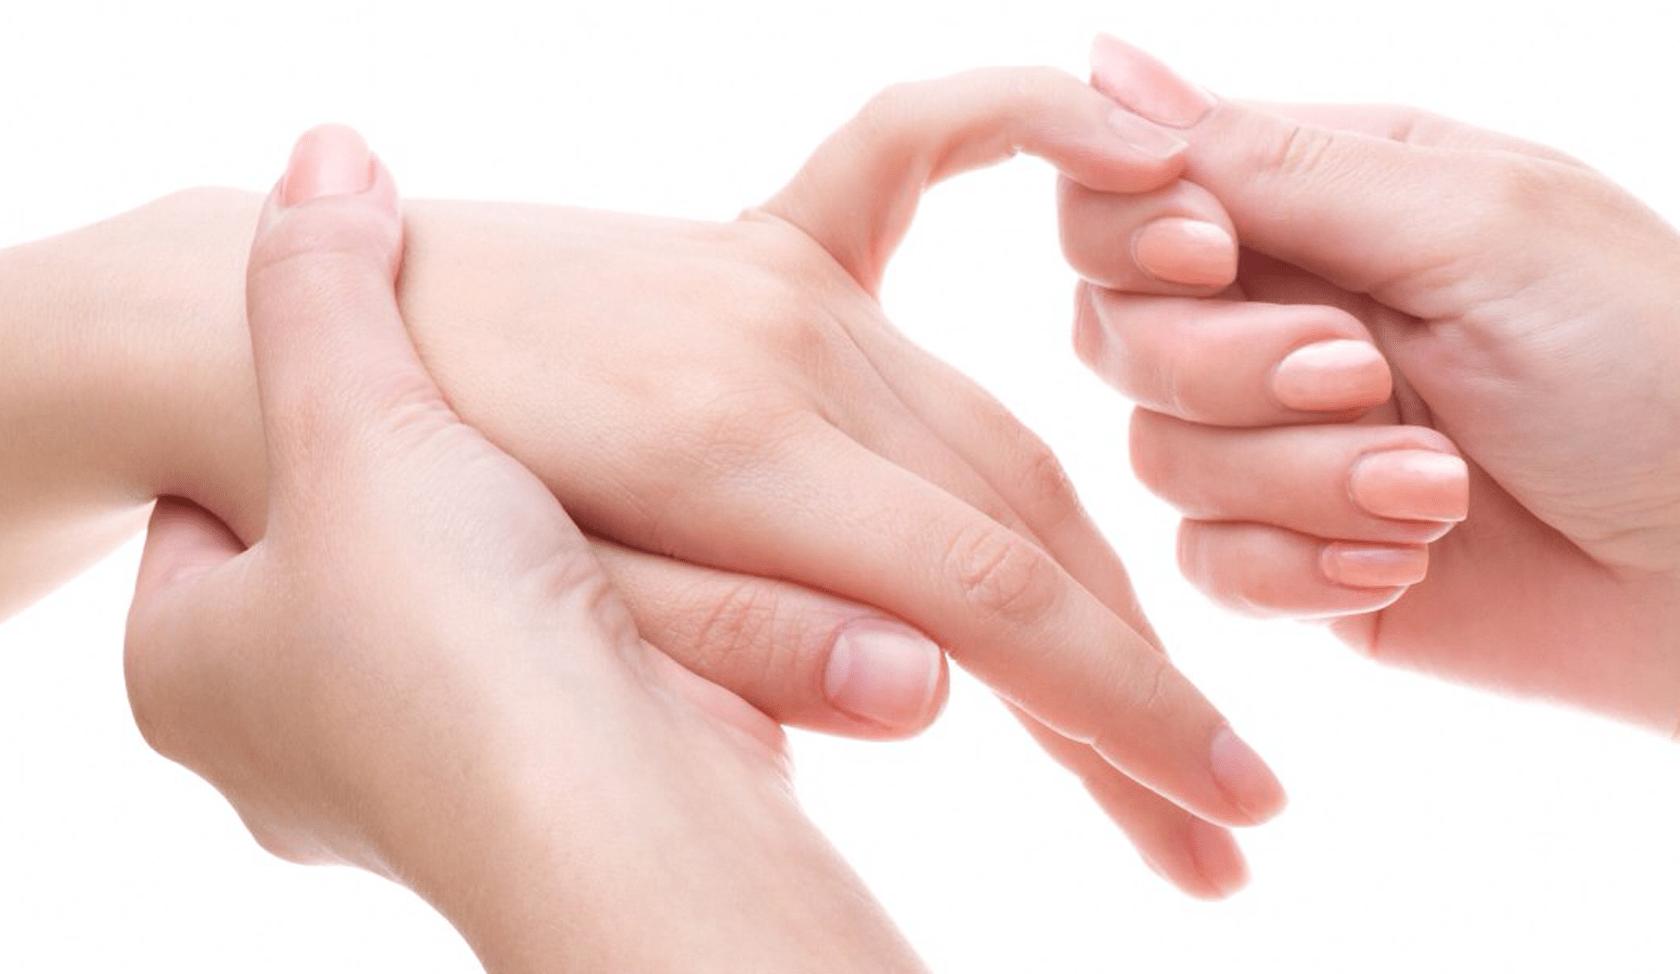 Онемение лица при шейном остеохондрозе – причины возникновения патологии, диагностика, методы лечения и осложнения